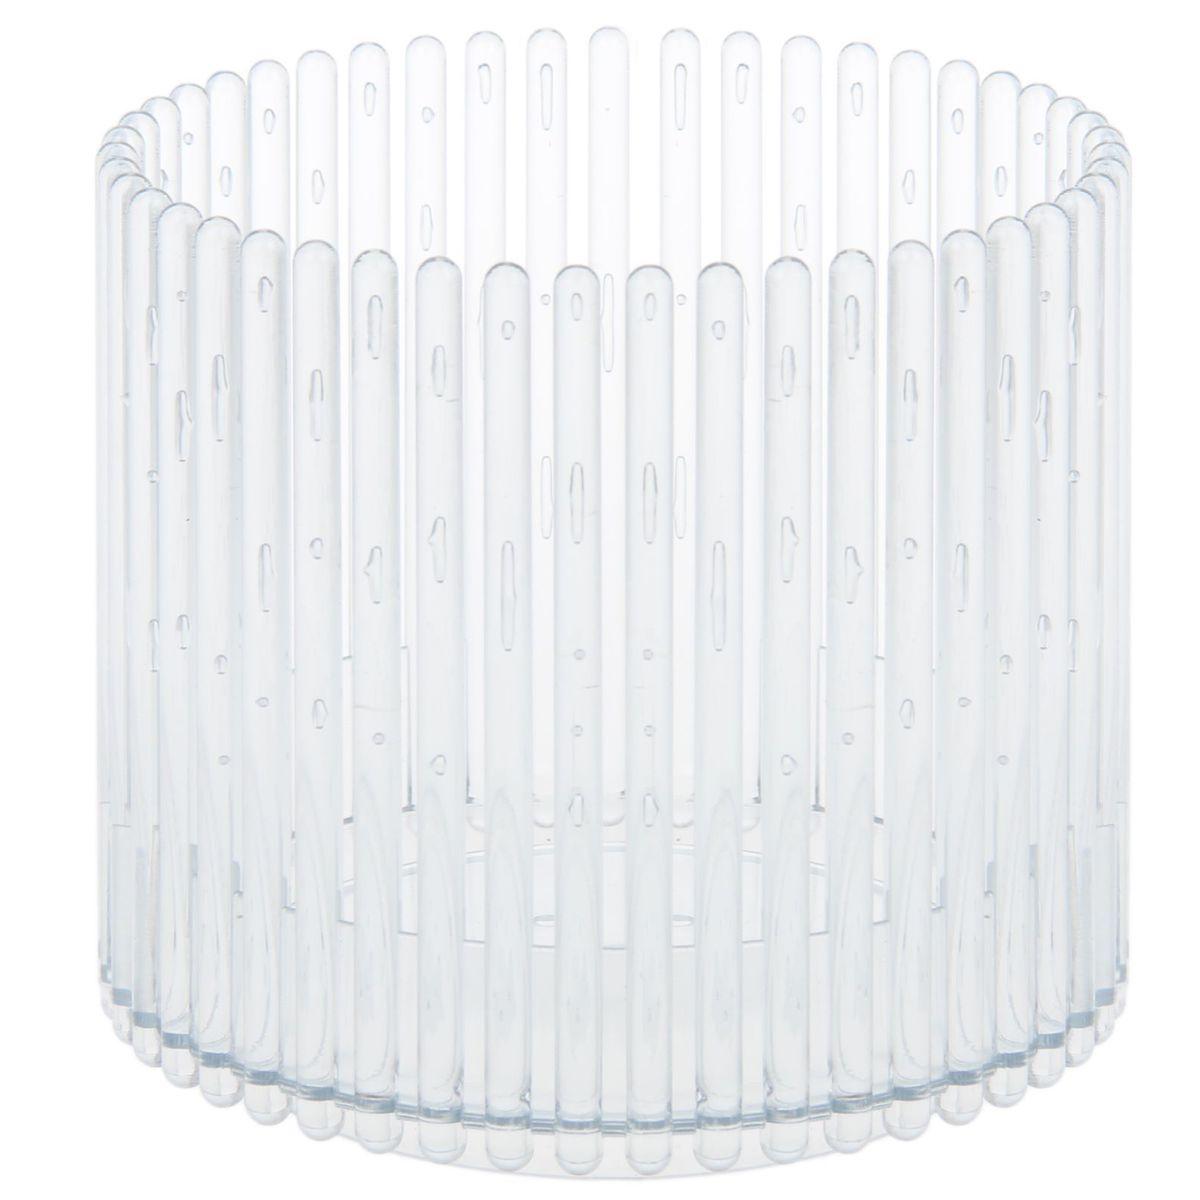 Кашпо JetPlast Шарм, цвет: прозрачный, 14 x 12 см1295397Кашпо Шарм изготовлено из поликарбоната. Изделие имеет уникальную конструкцию: бортик в нижней части кашпо дает возможность создания у корней орхидеи благоприятную влажность, а сквозная конструкция стенок кашпо дает возможность беспрепятственному проникновению света на корни растения и их вентиляцию. Стильный яркий дизайн сделает такое кашпо отличным дополнением интерьера.